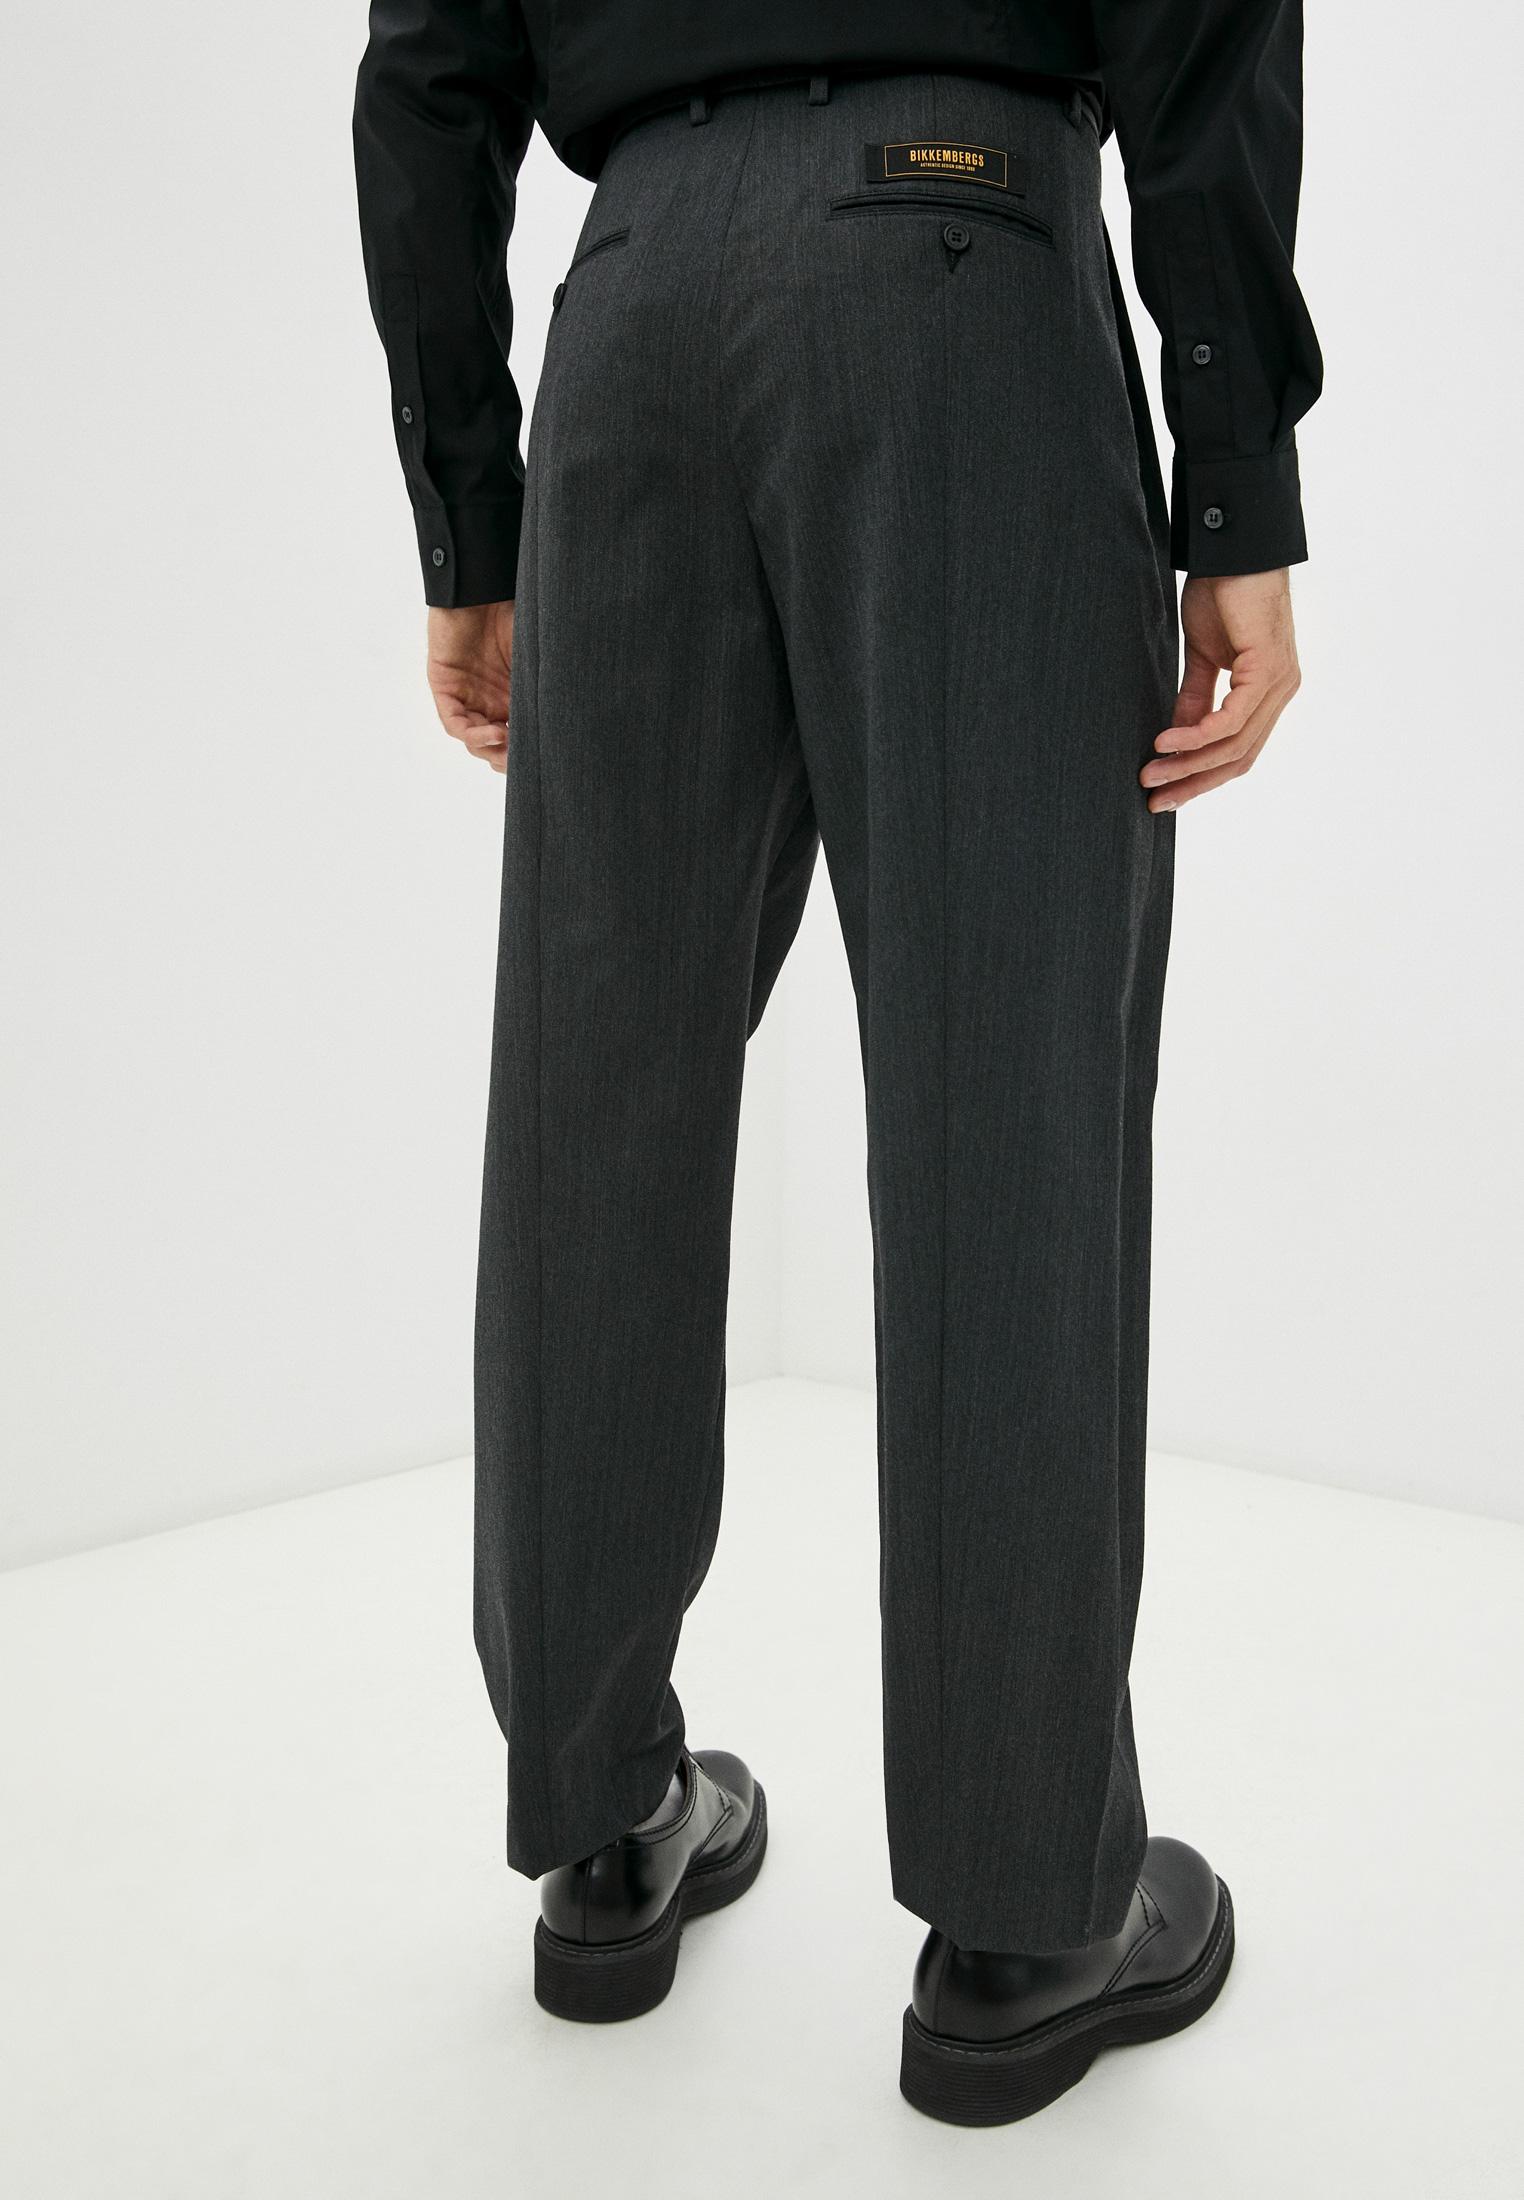 Мужские классические брюки Bikkembergs (Биккембергс) C P 038 00 S 3331: изображение 4